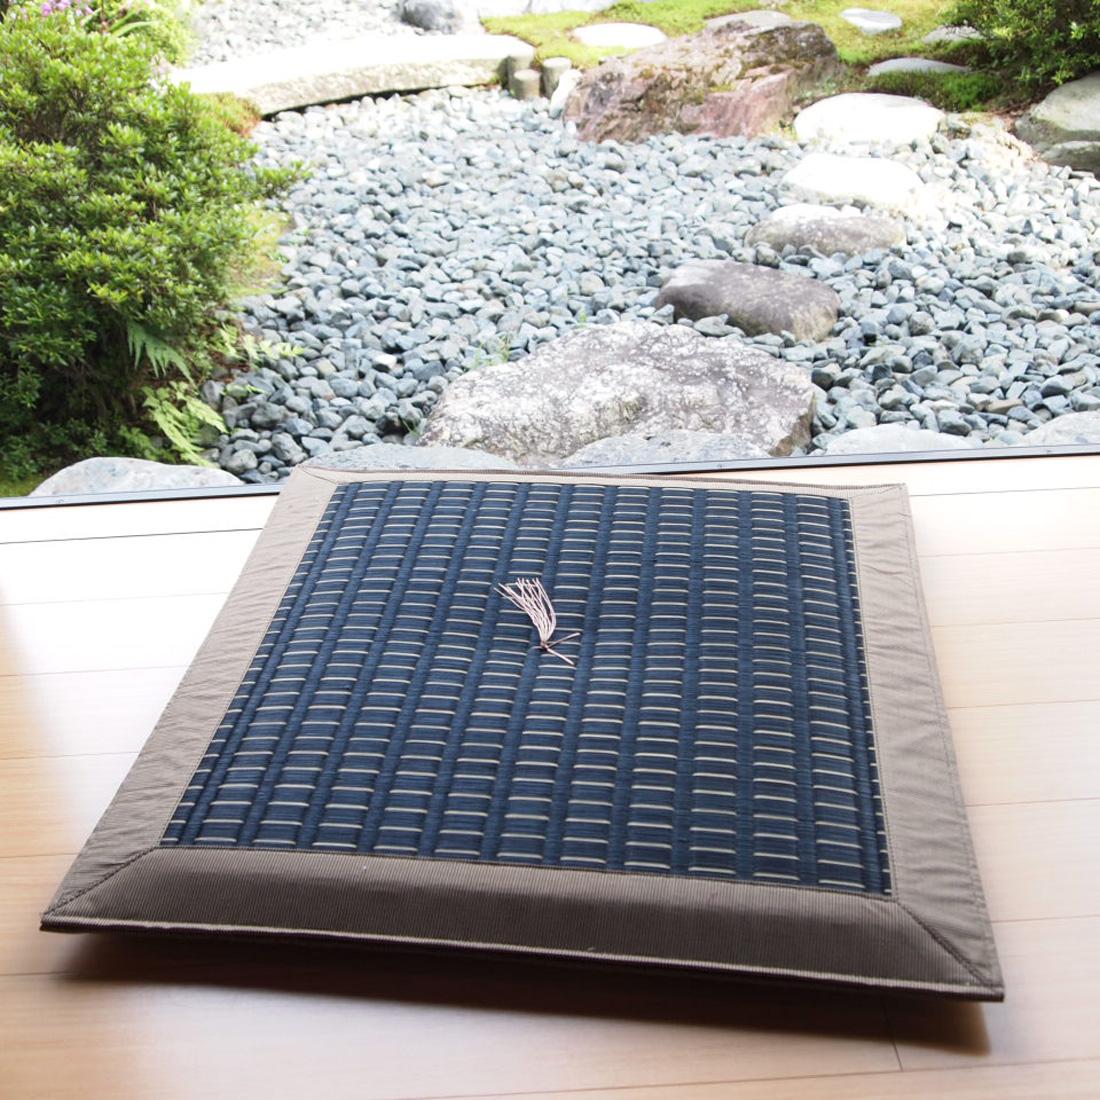 掛川D黒/高級いぐさ座布団夏用(い草イ草イグサ)60×60cm【送料無料】